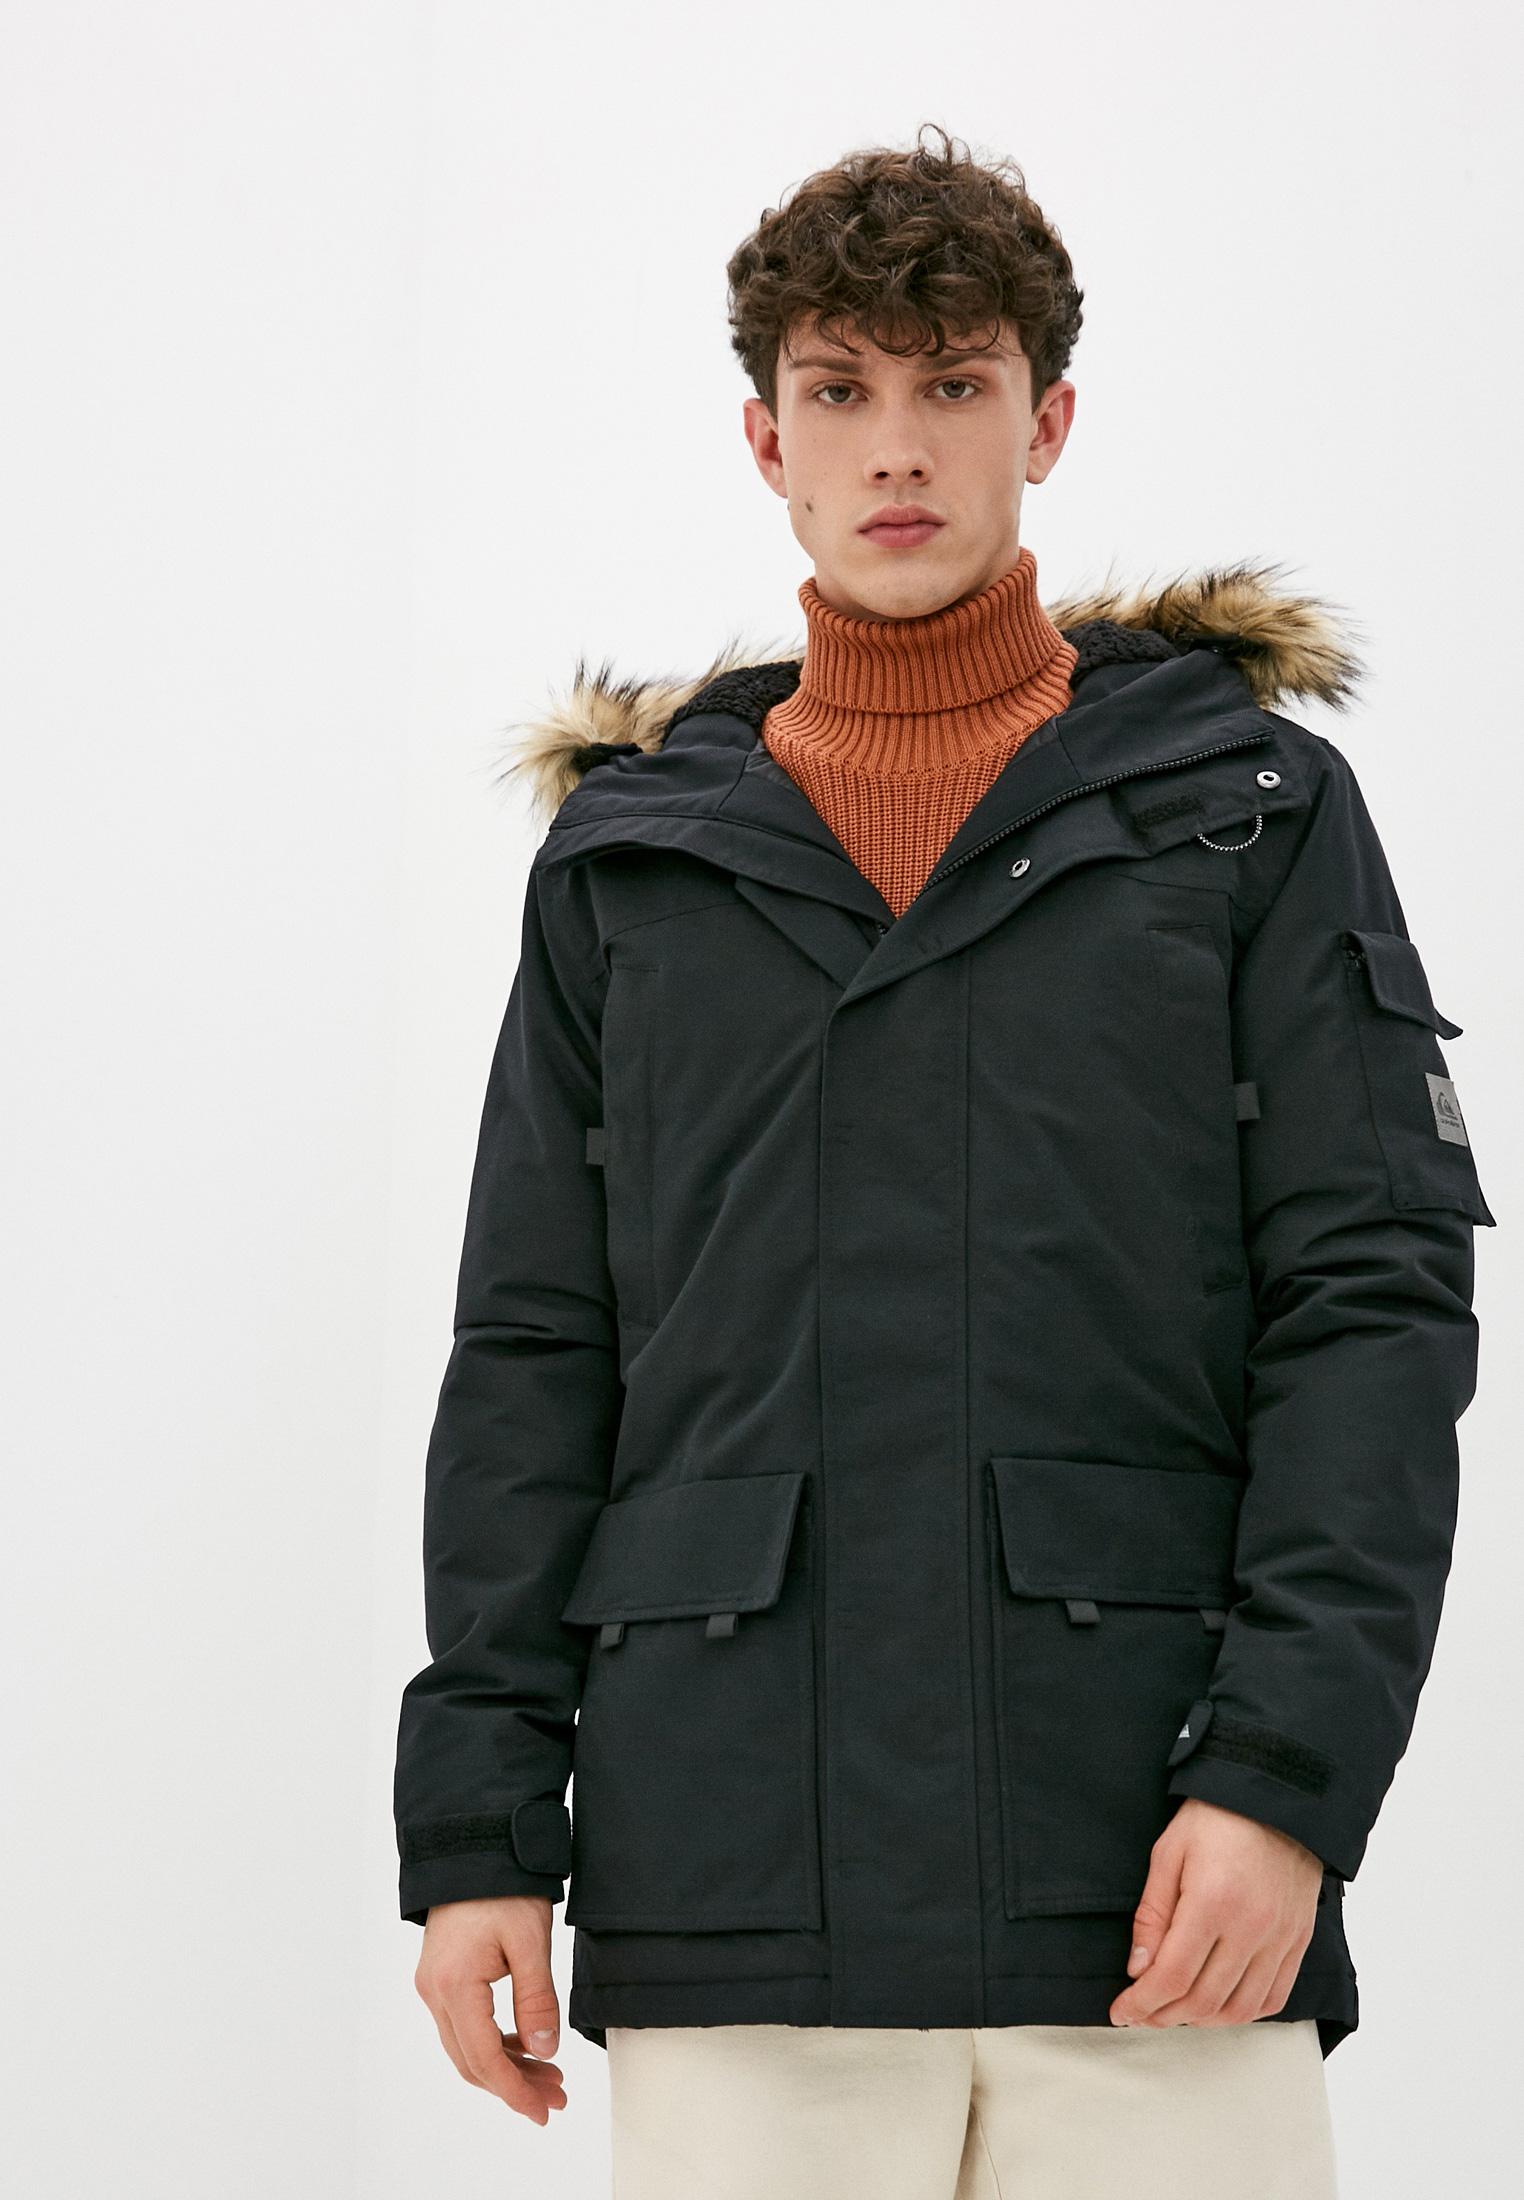 Мужская верхняя одежда Quiksilver (Квиксильвер) Куртка утепленная Quiksilver